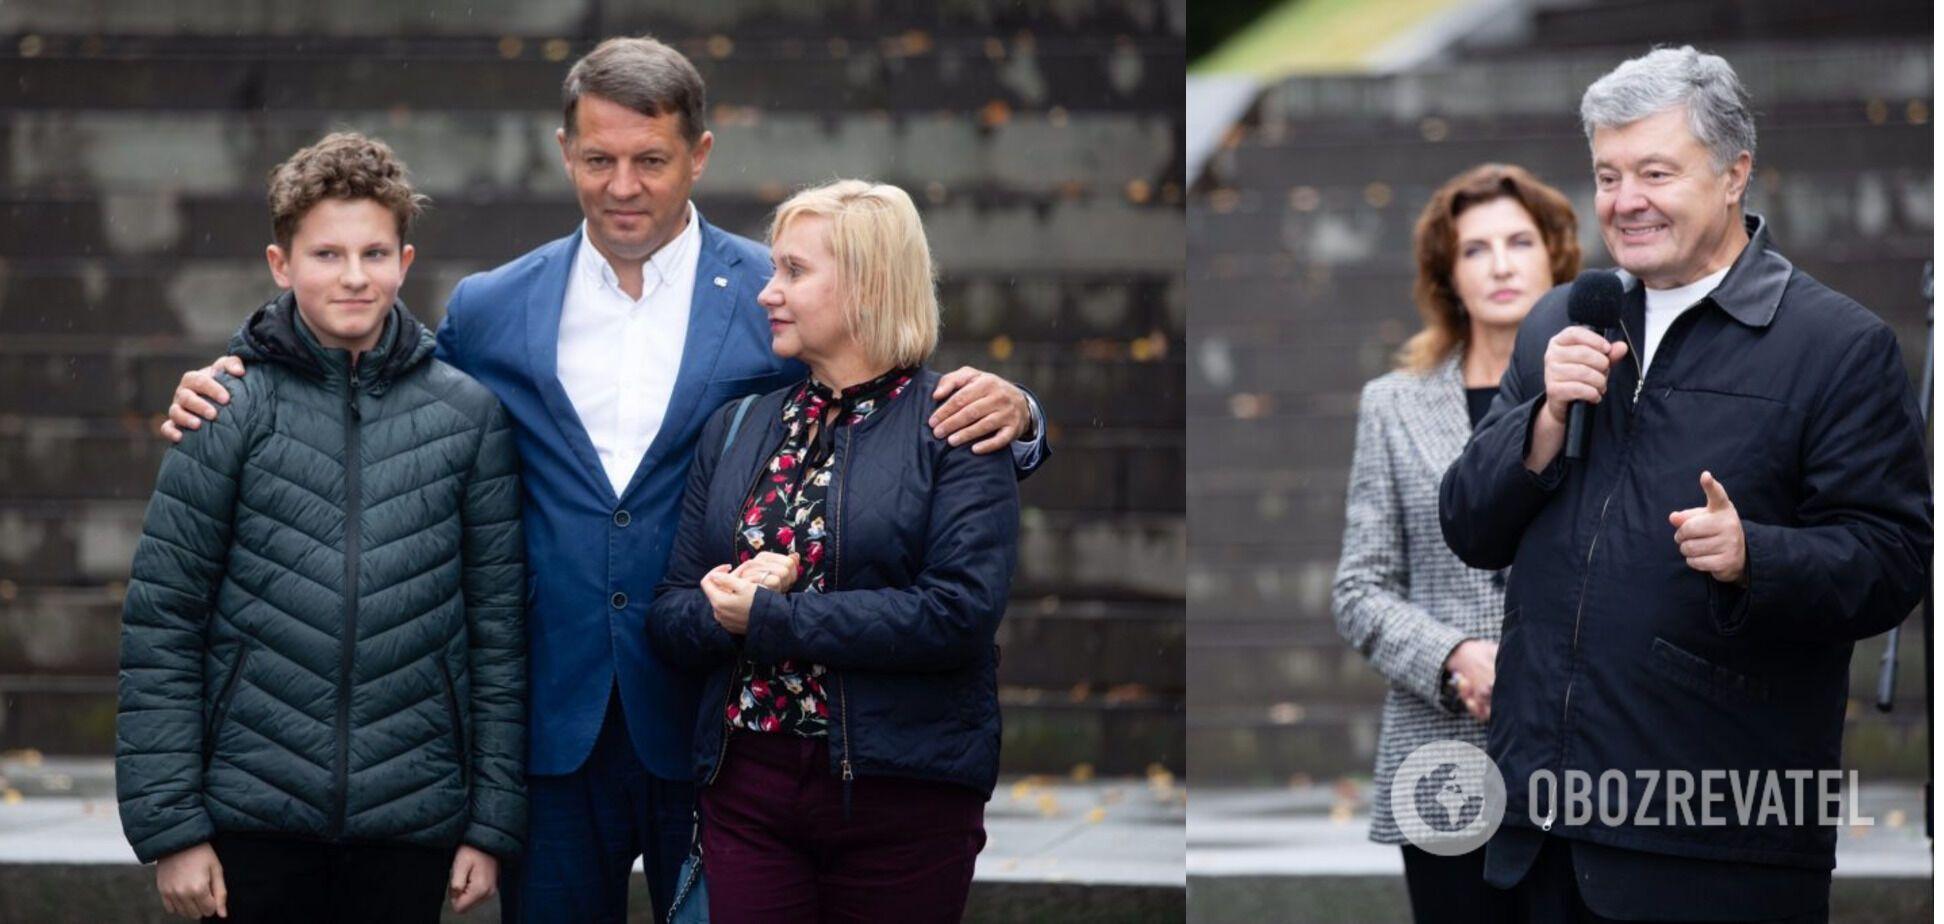 Порошенко в Каневе призвал поддержать на выборах в Раду пленника Кремля Сущенко. Фото